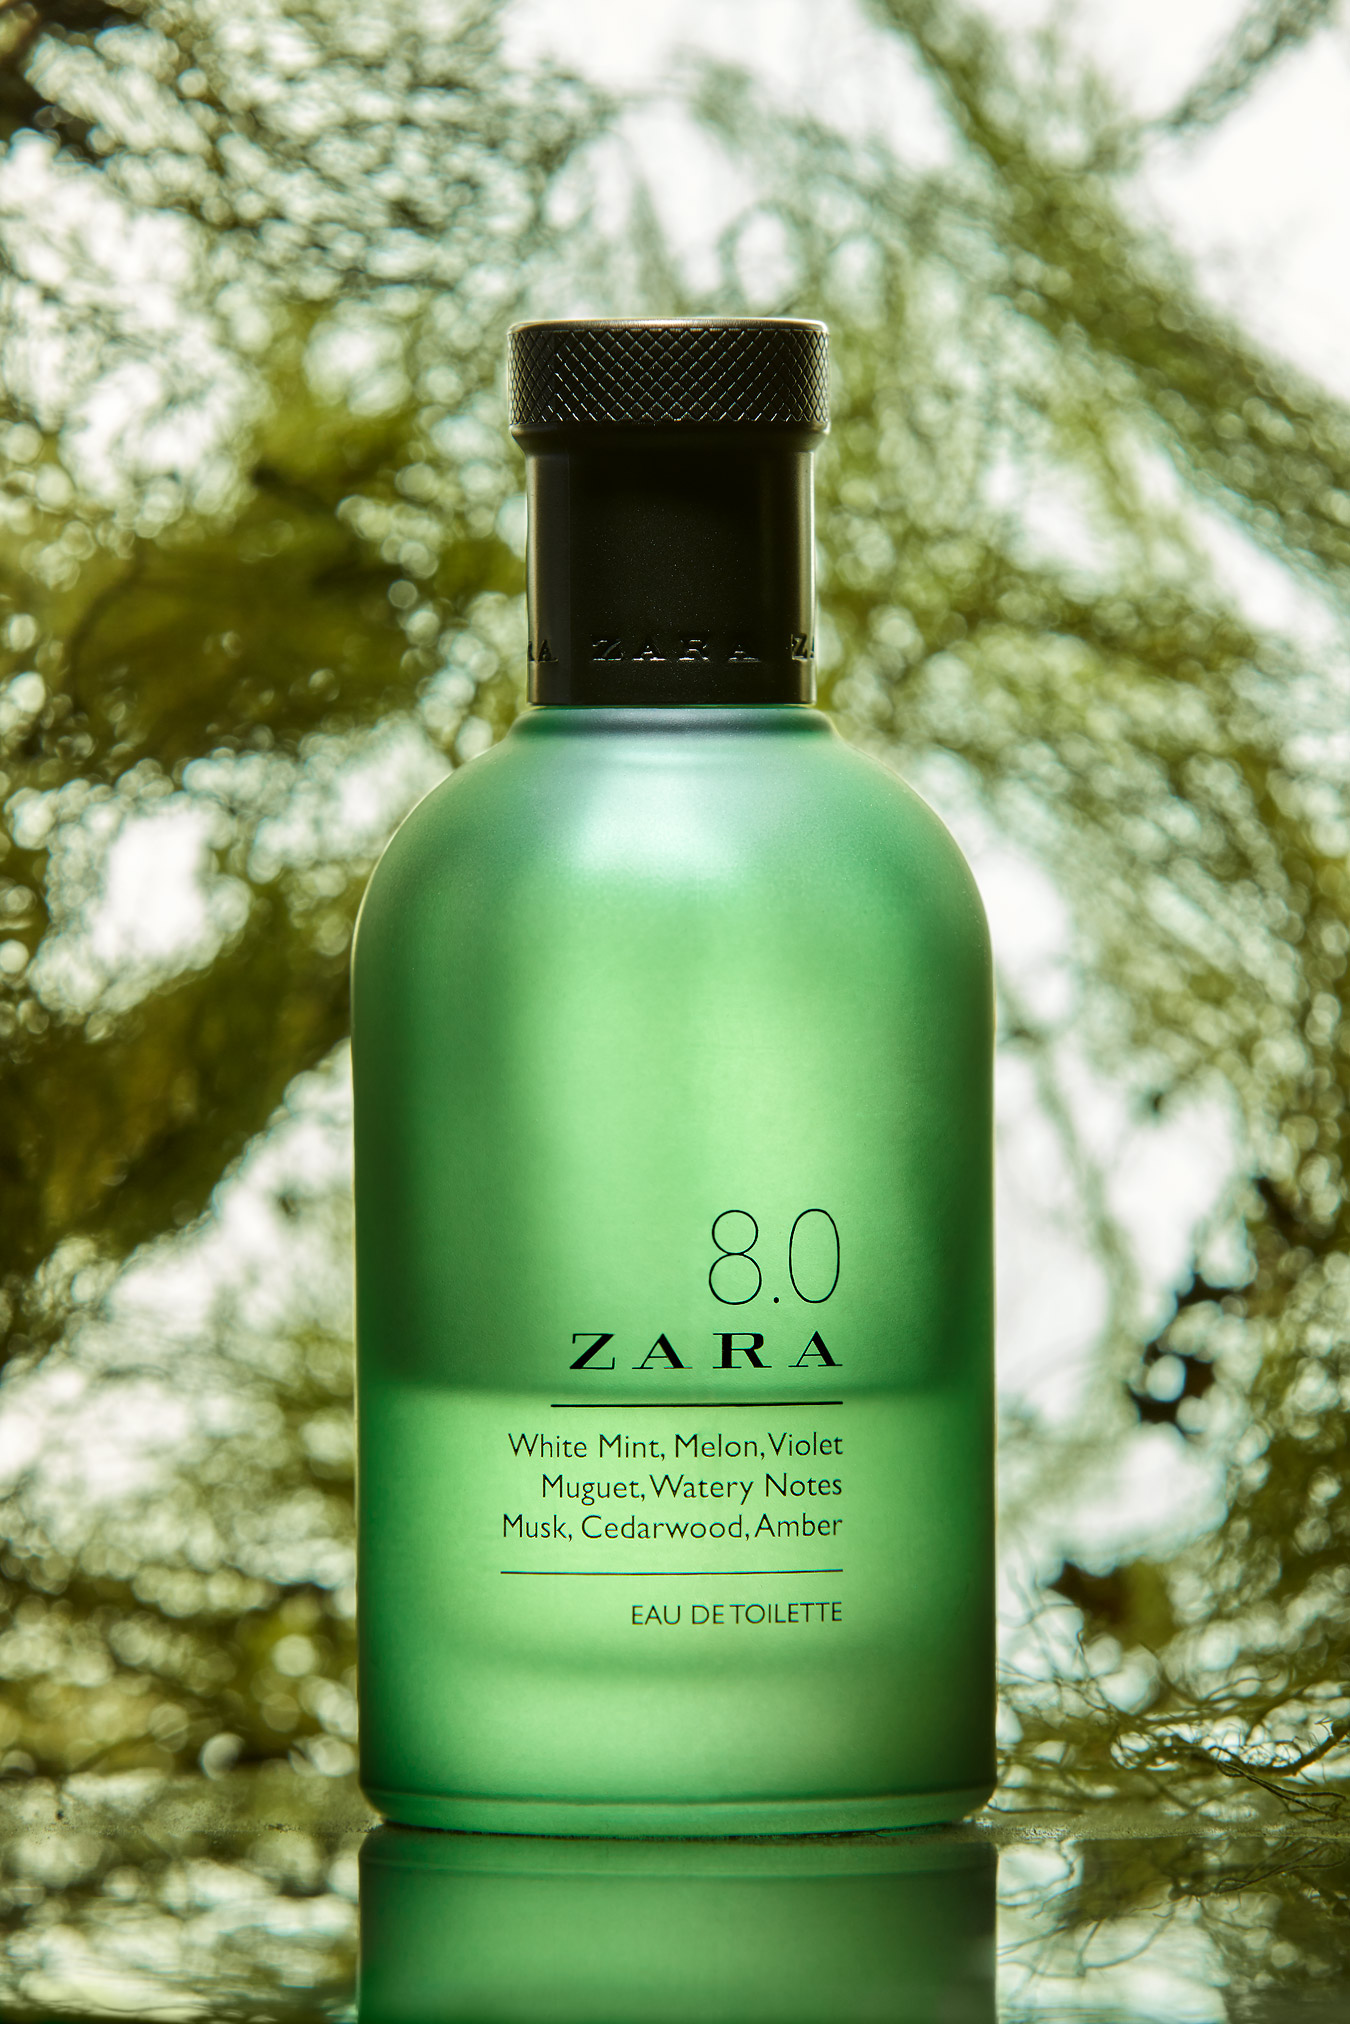 Zara-8.0 | Publicidad